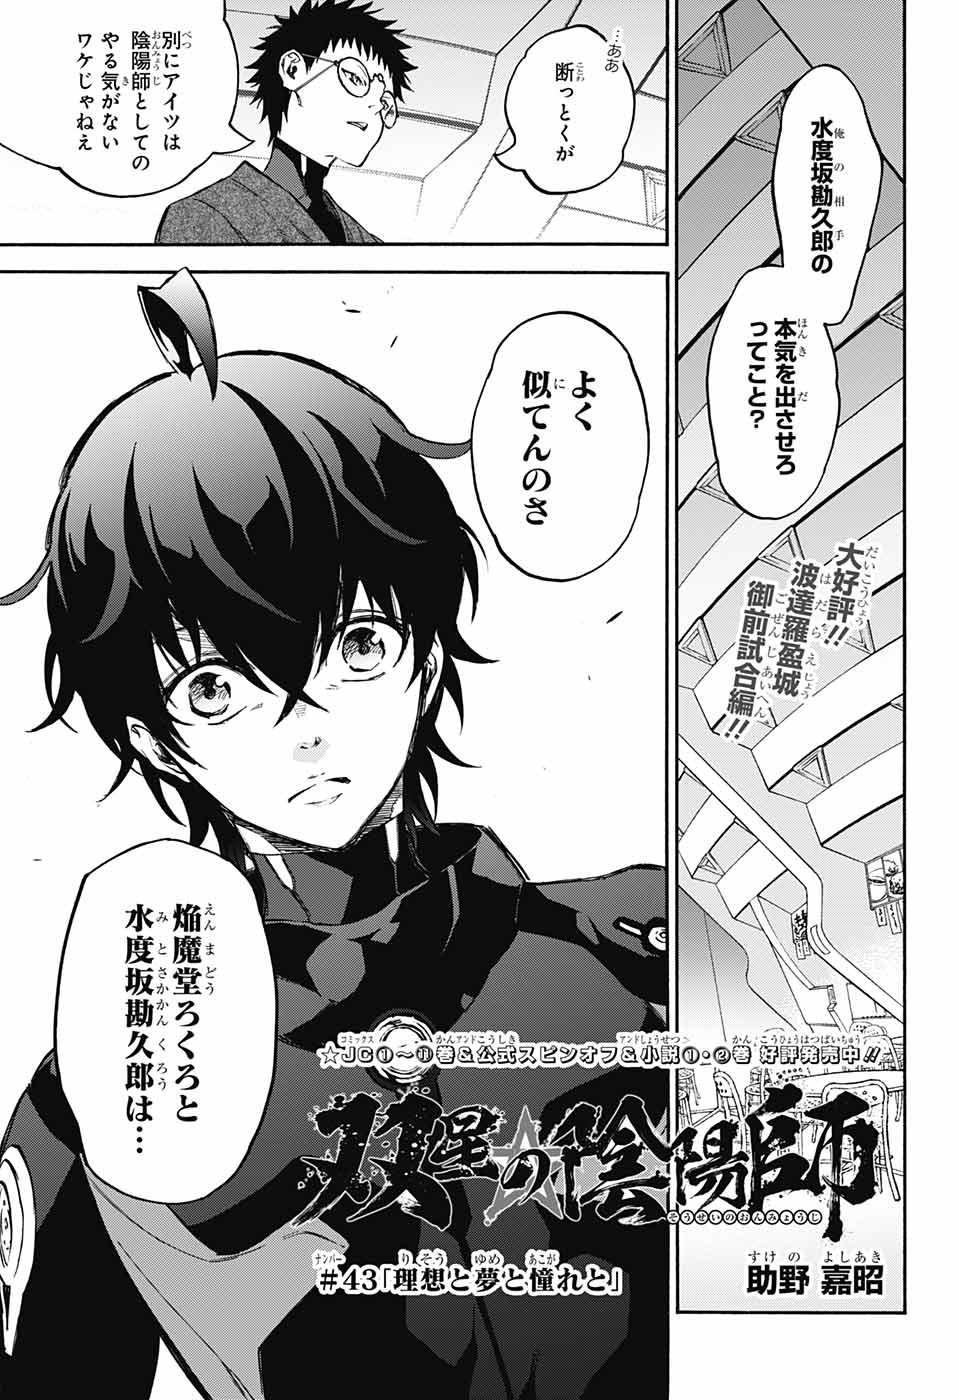 Sousei-no-Onmyouji Chapter 43 Page 1